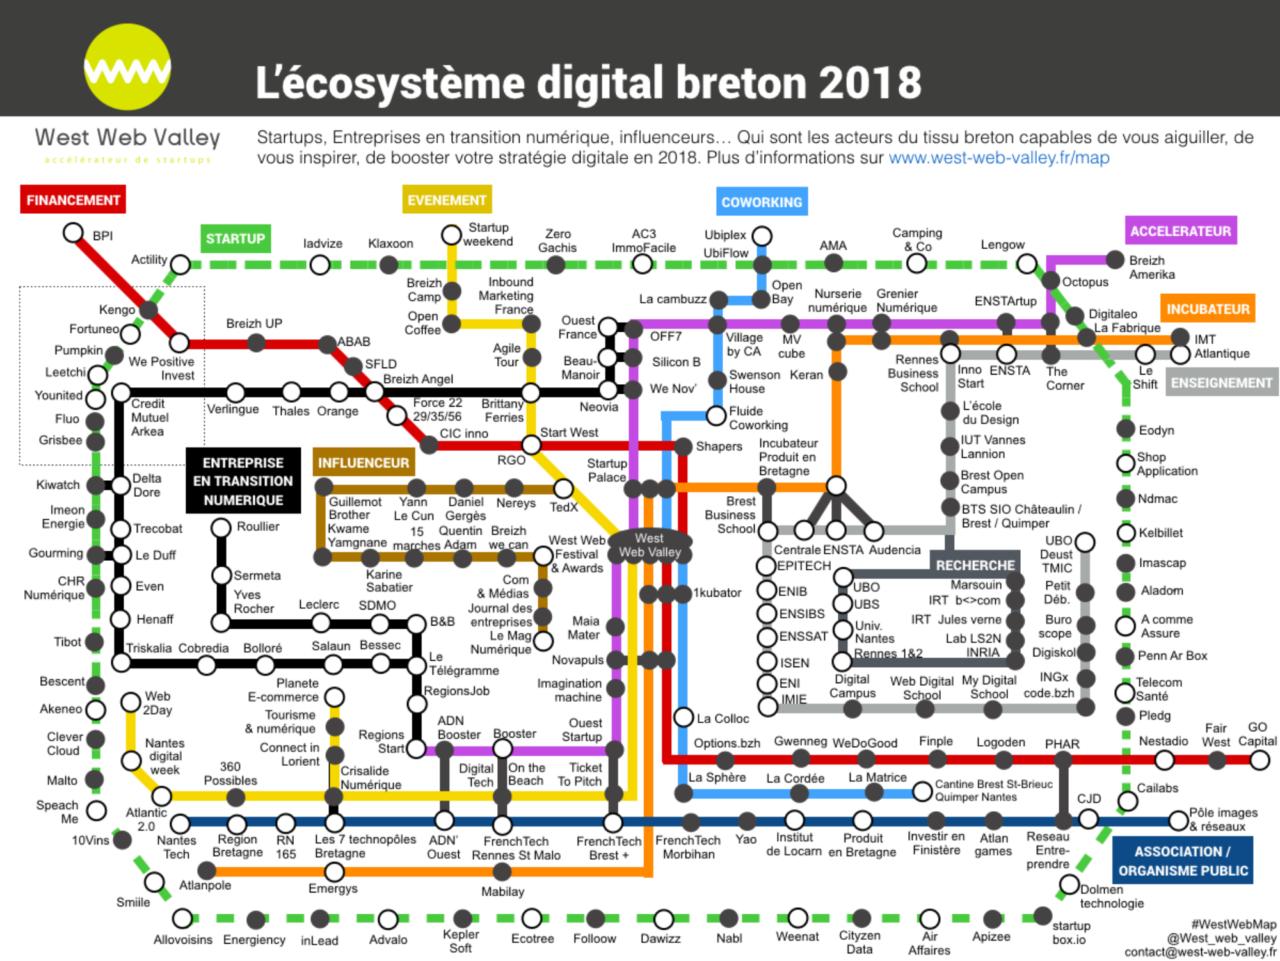 Un dynamisme digital breton qui remet en cause l'hégémonie parisienne !